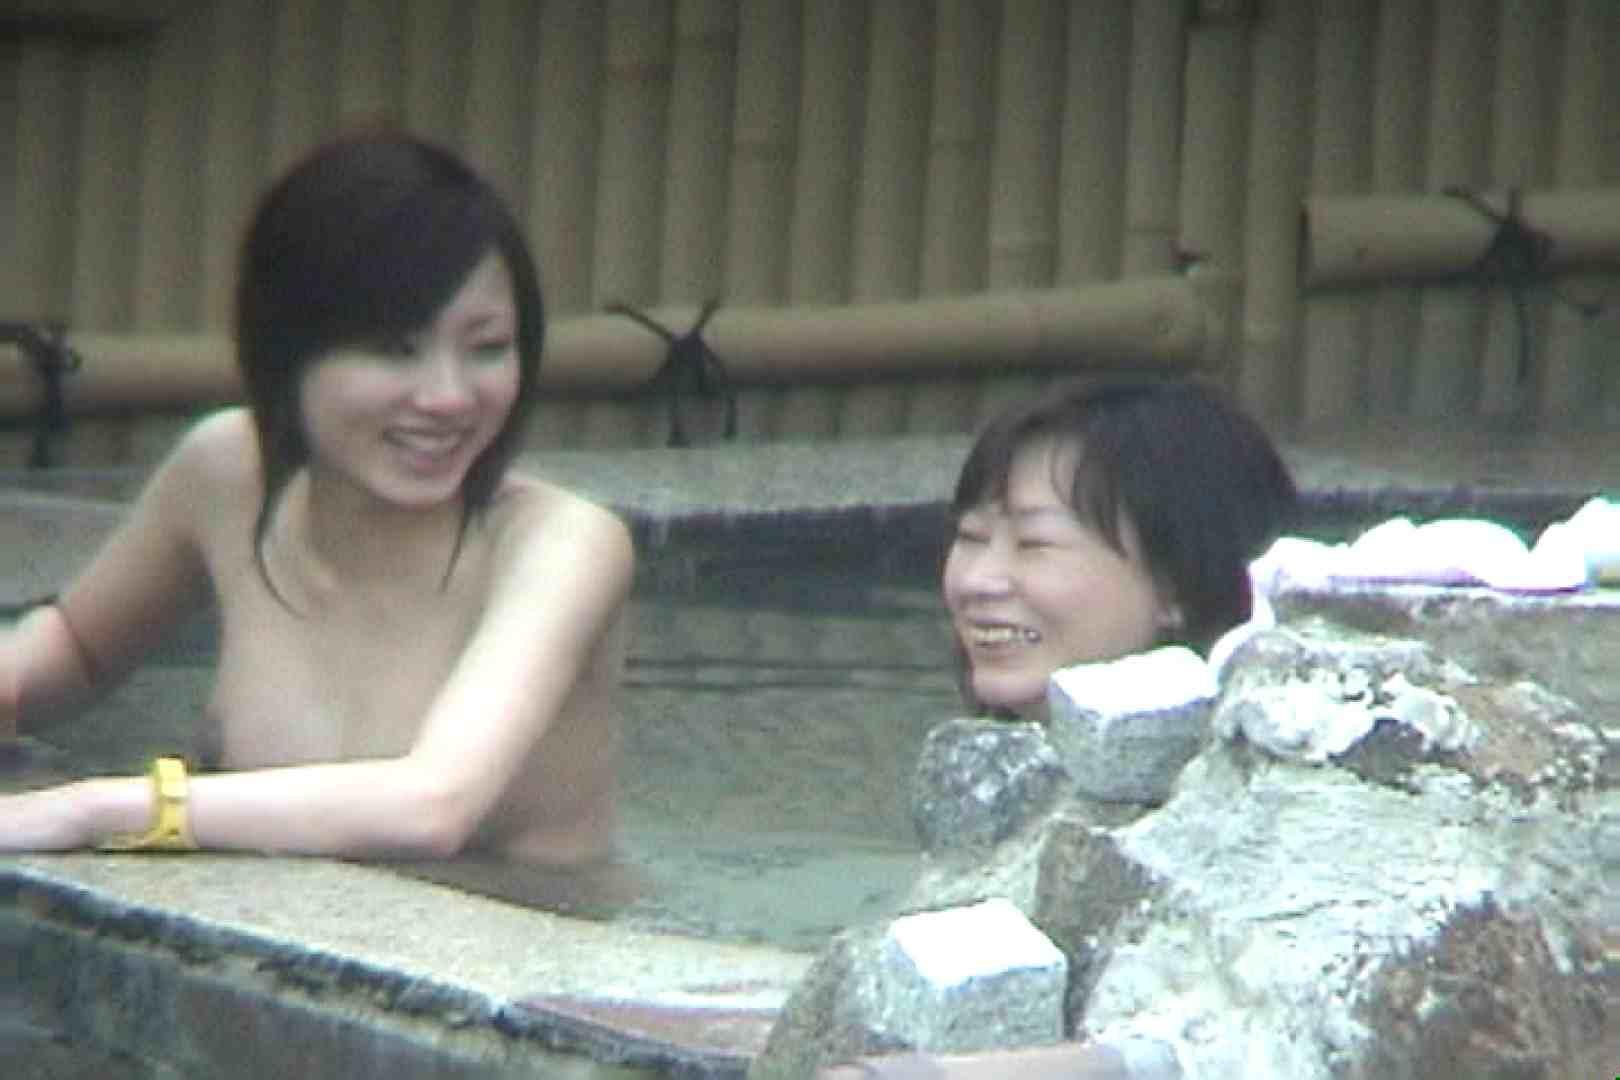 Aquaな露天風呂Vol.58【VIP限定】 エッチな盗撮 おまんこ動画流出 95pic 42